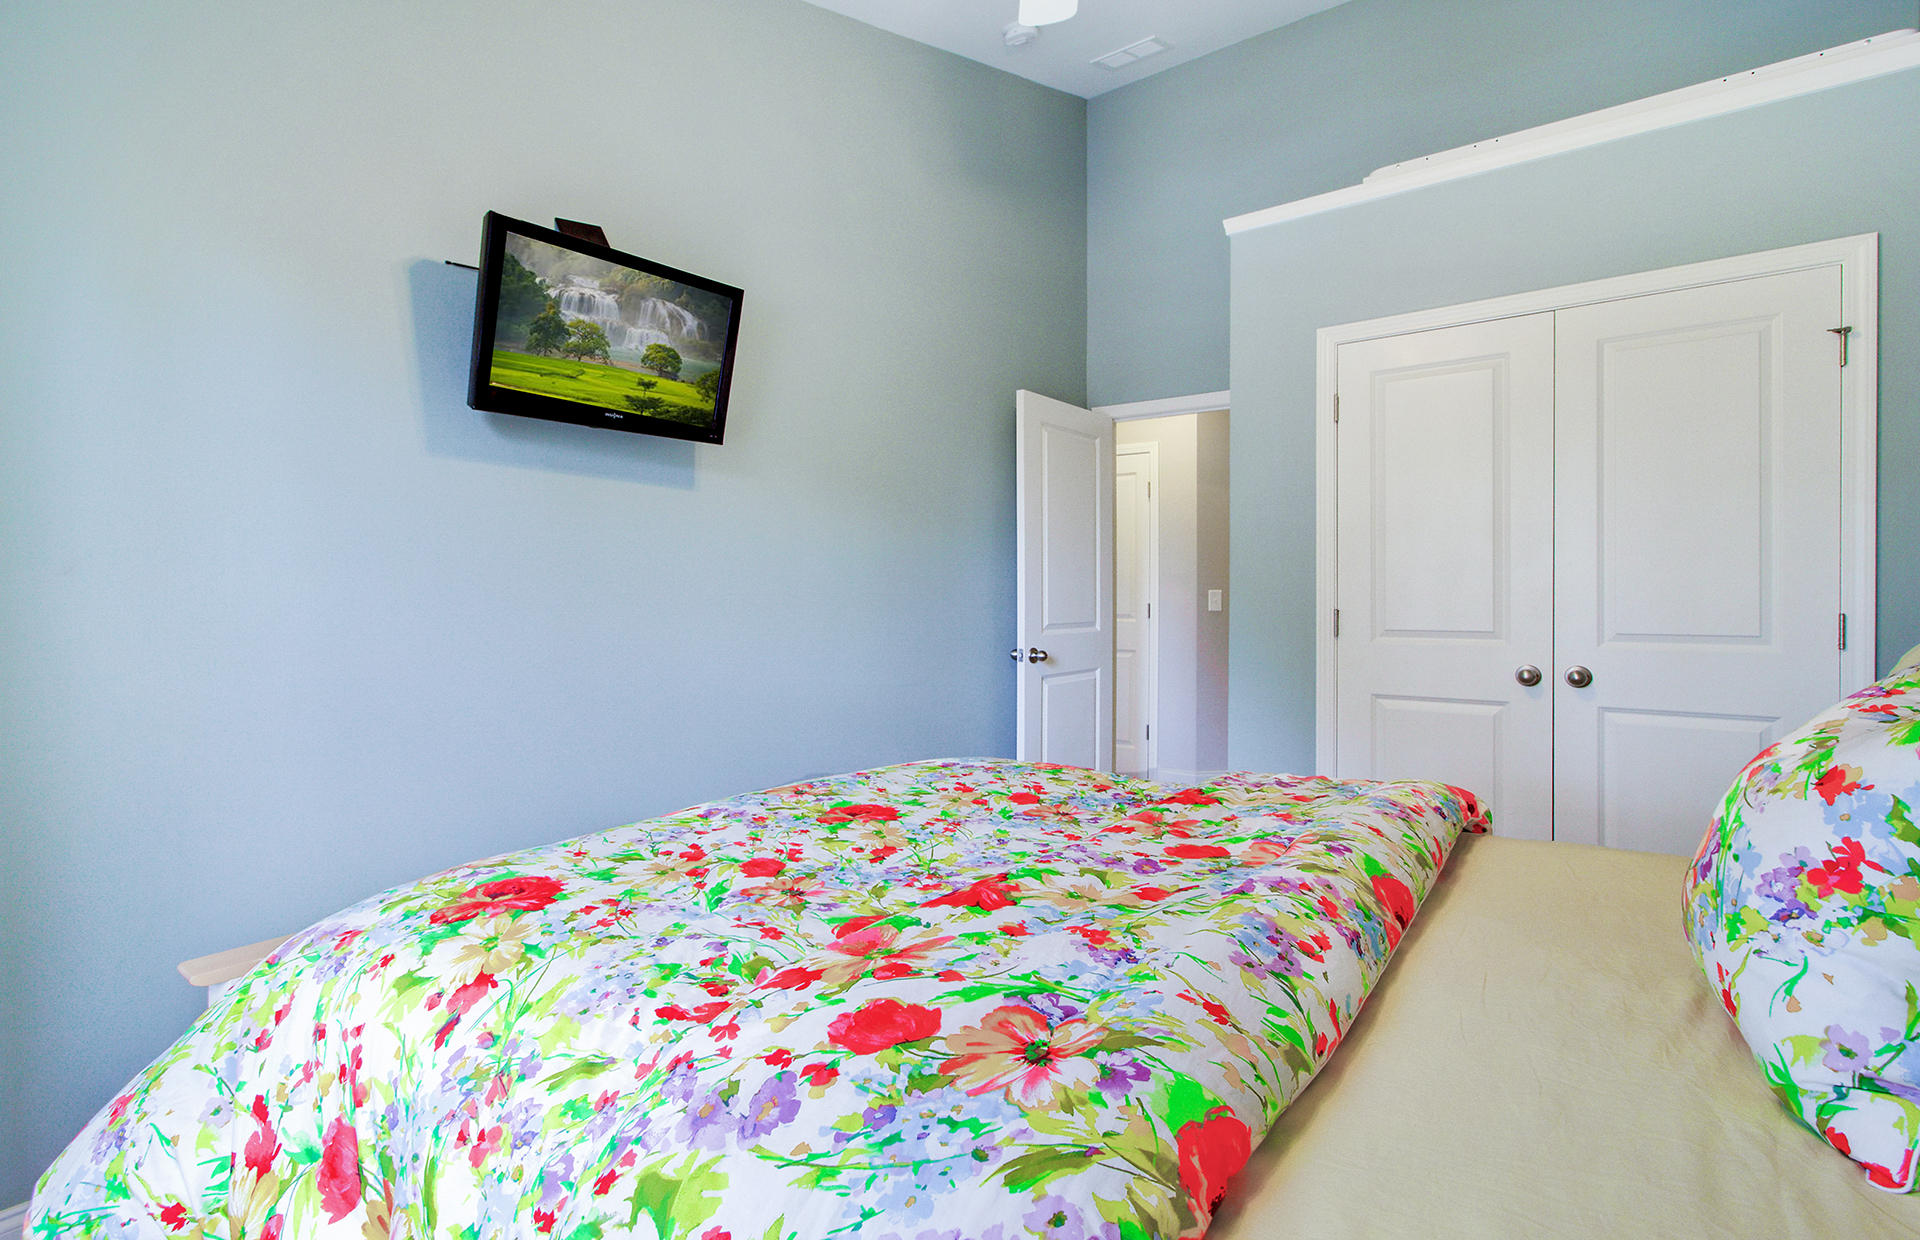 Park West Homes For Sale - 1688 Bridwell, Mount Pleasant, SC - 0